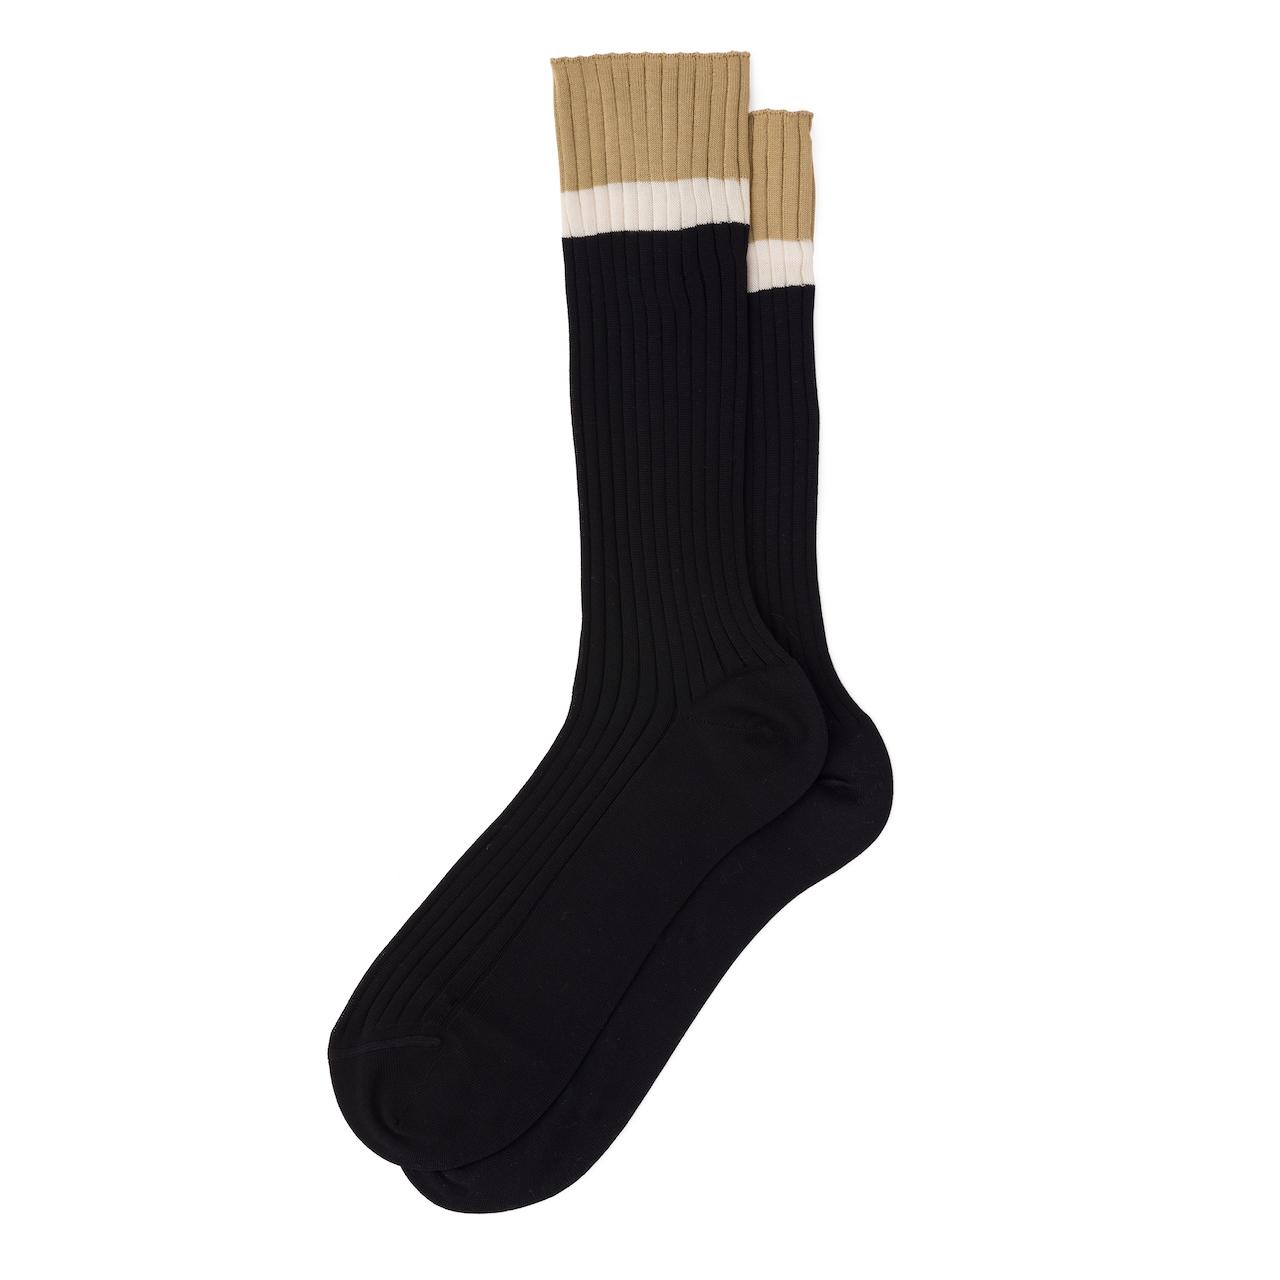 Prada Lisle cotton socks 1